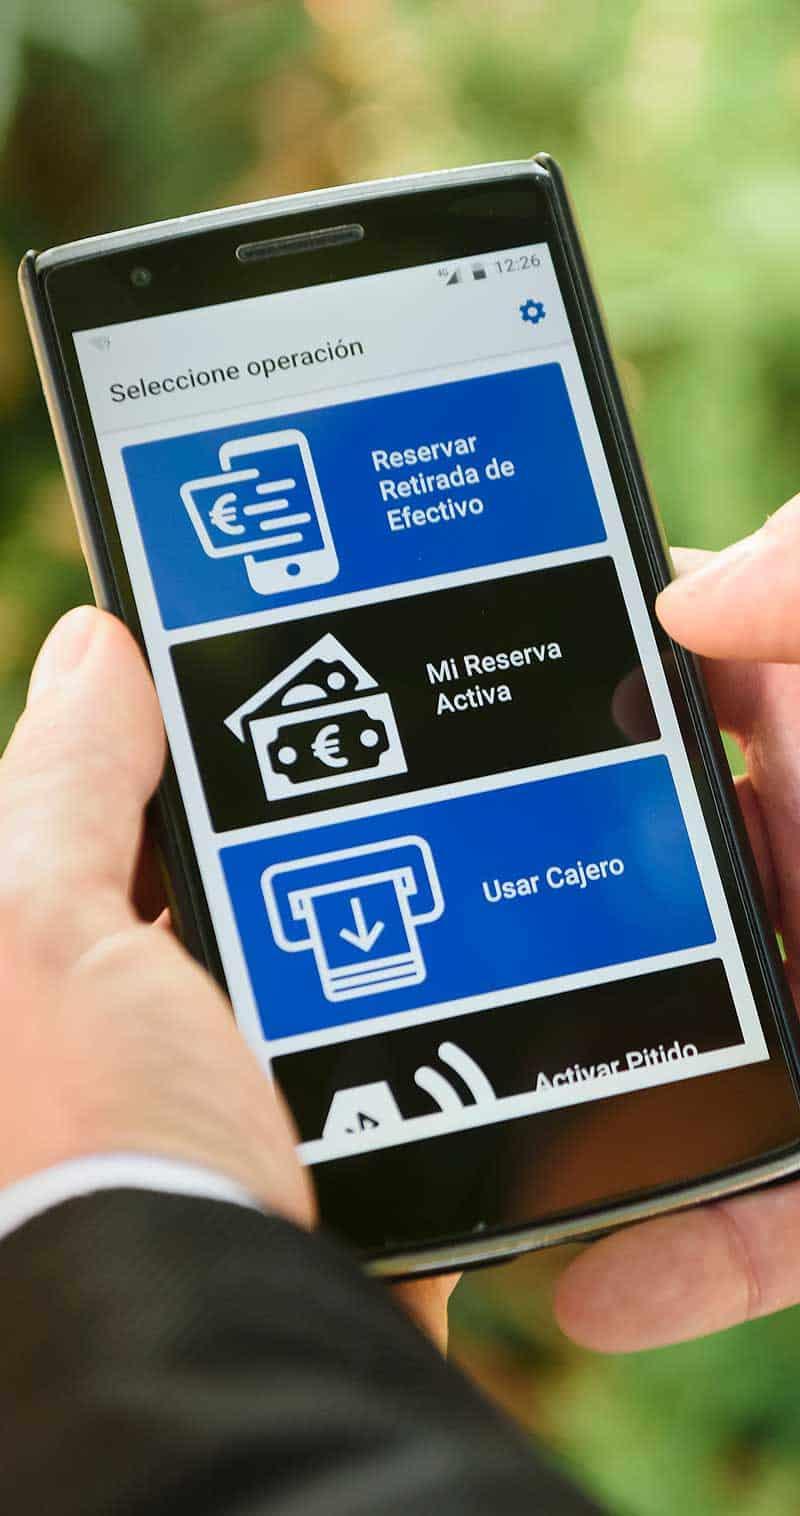 Smartphone App für Sehbehinderte: Große Schrift, klare Konturen, einfache Bedienung<q>BBVA</q>